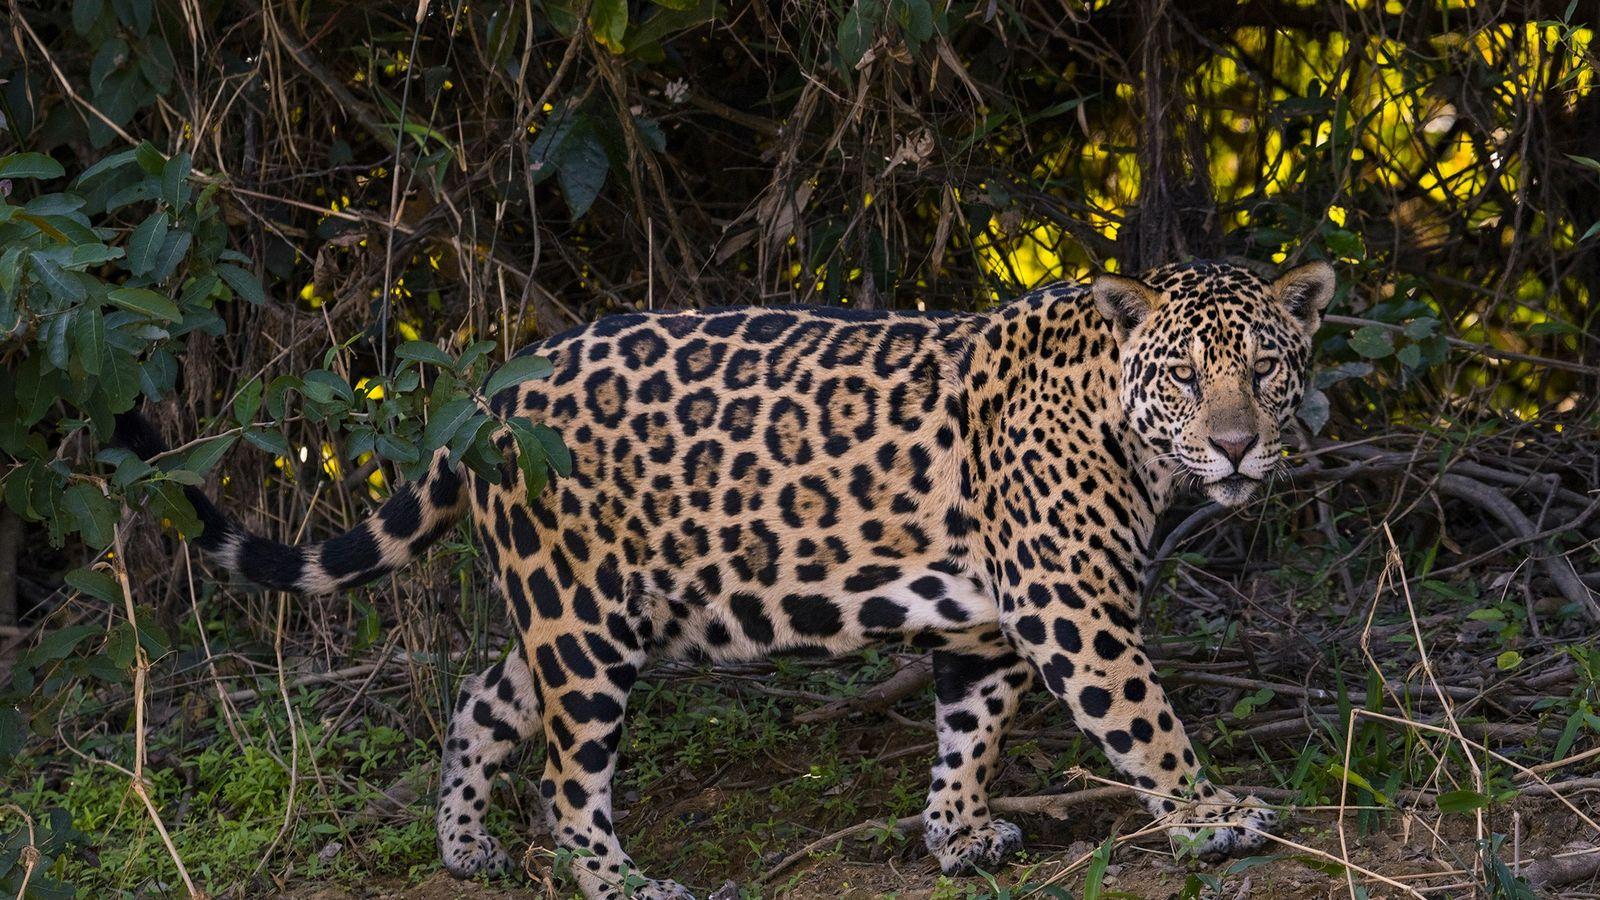 Un jaguar merodea en la orilla del Pantanal, en Mato Grosso del Sur, estado de Brasil. ...